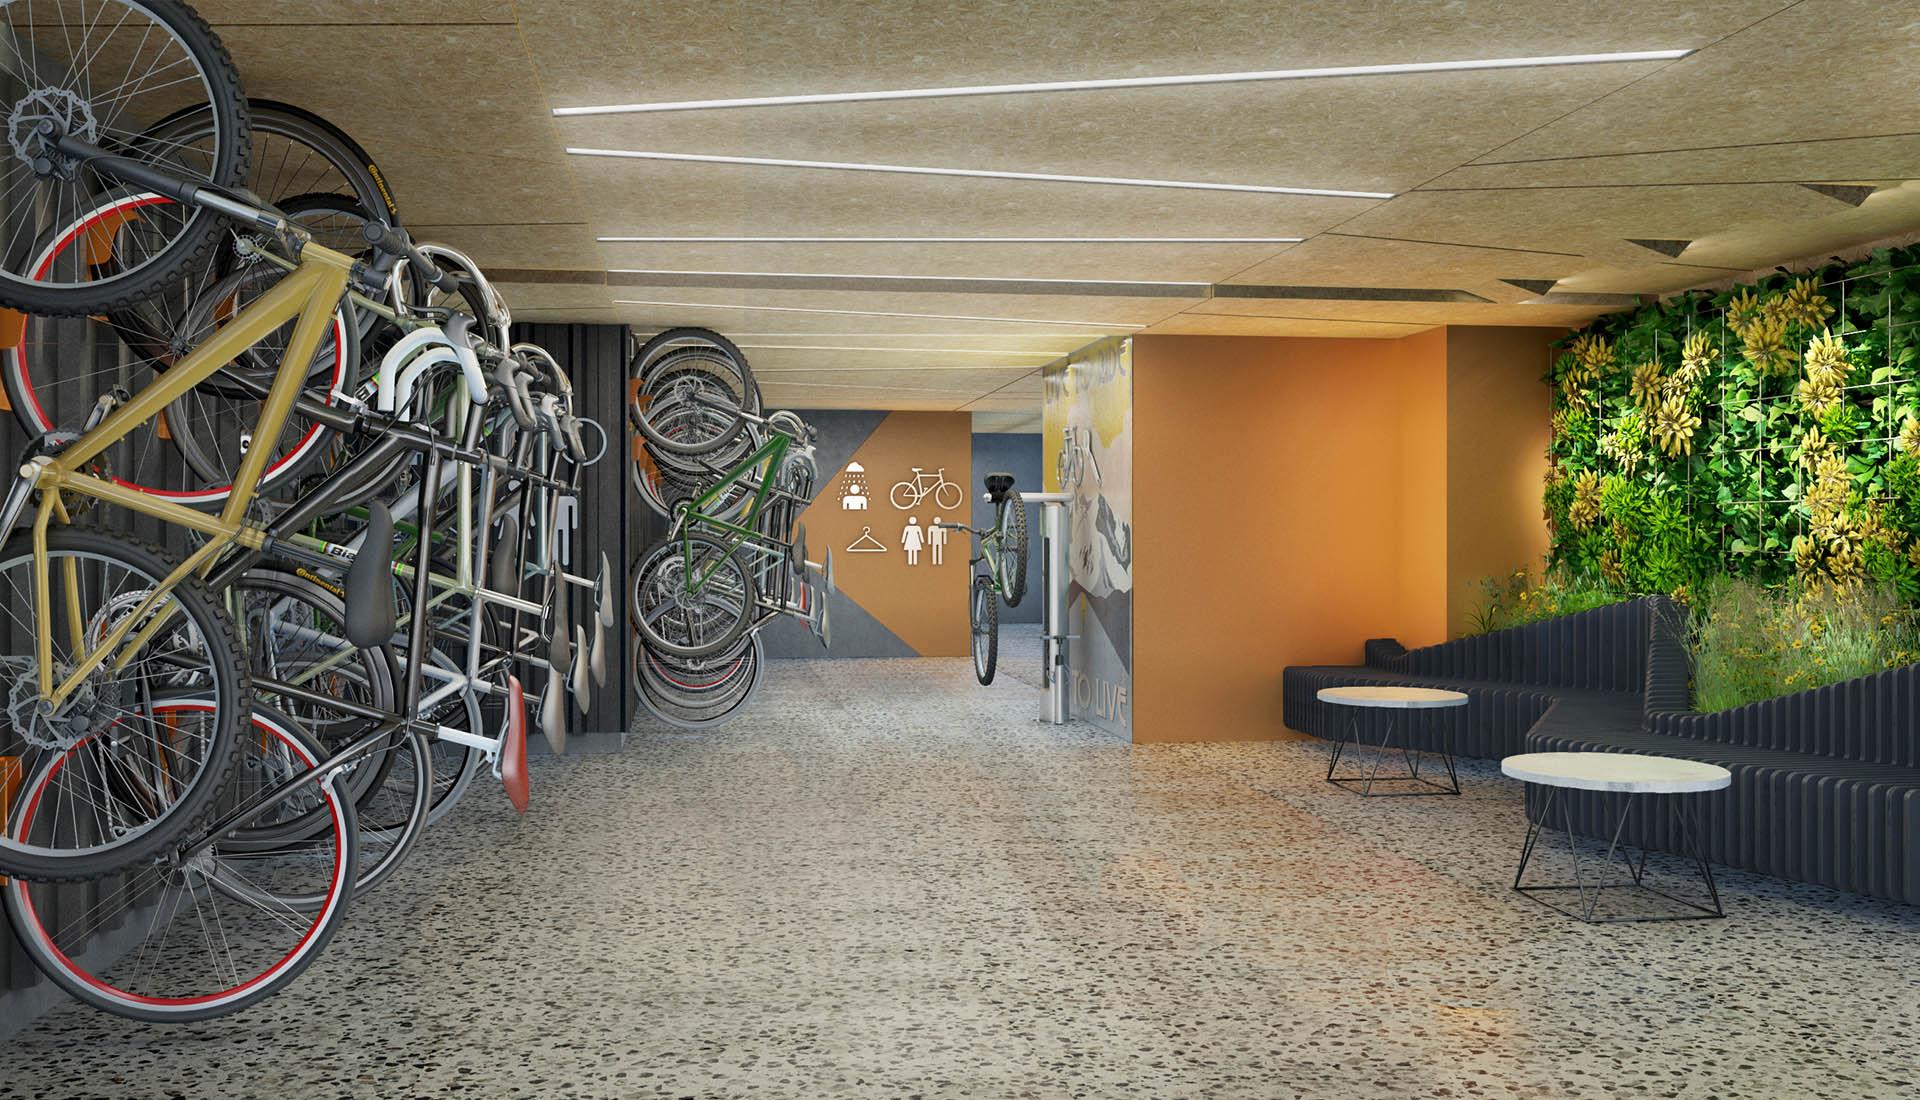 bicicletero teslaii